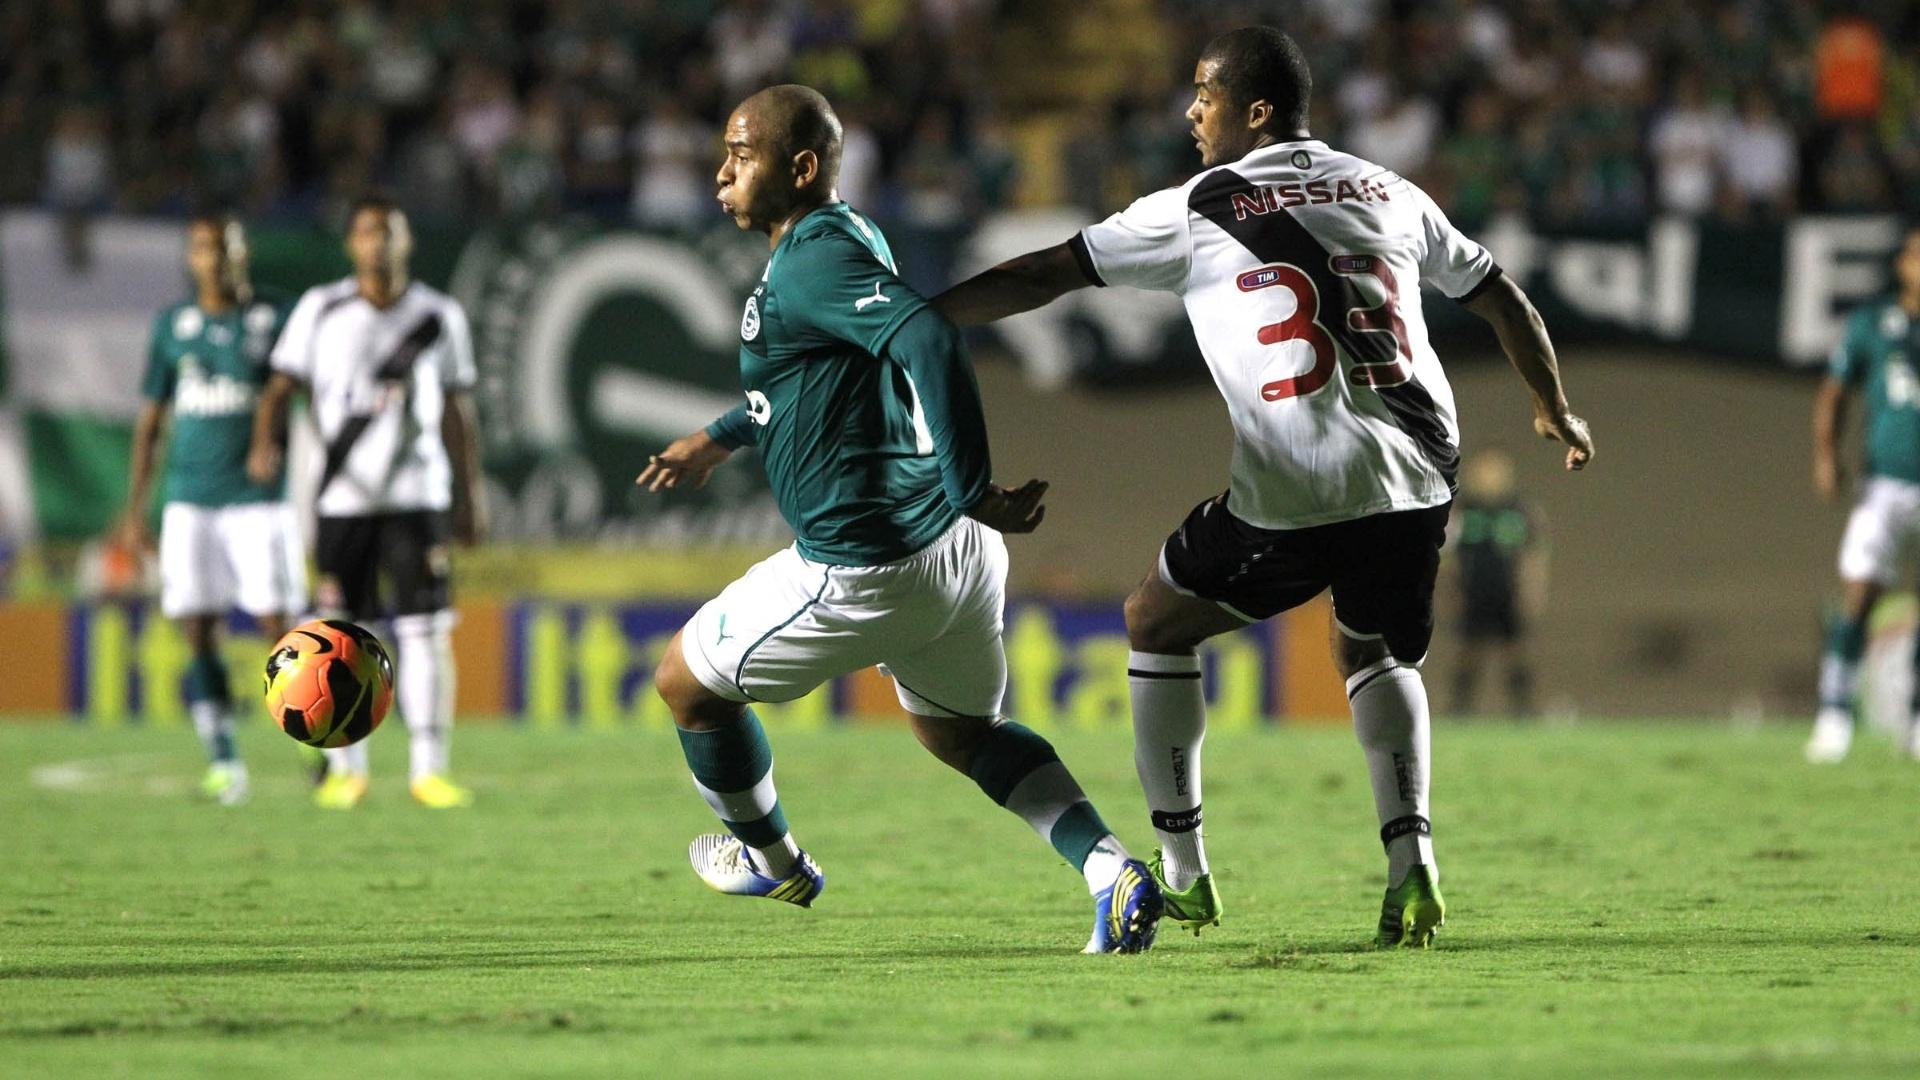 01.08.2013 - Walter marcou pelo Goiás, de pênalti, na partida contra o Vasco